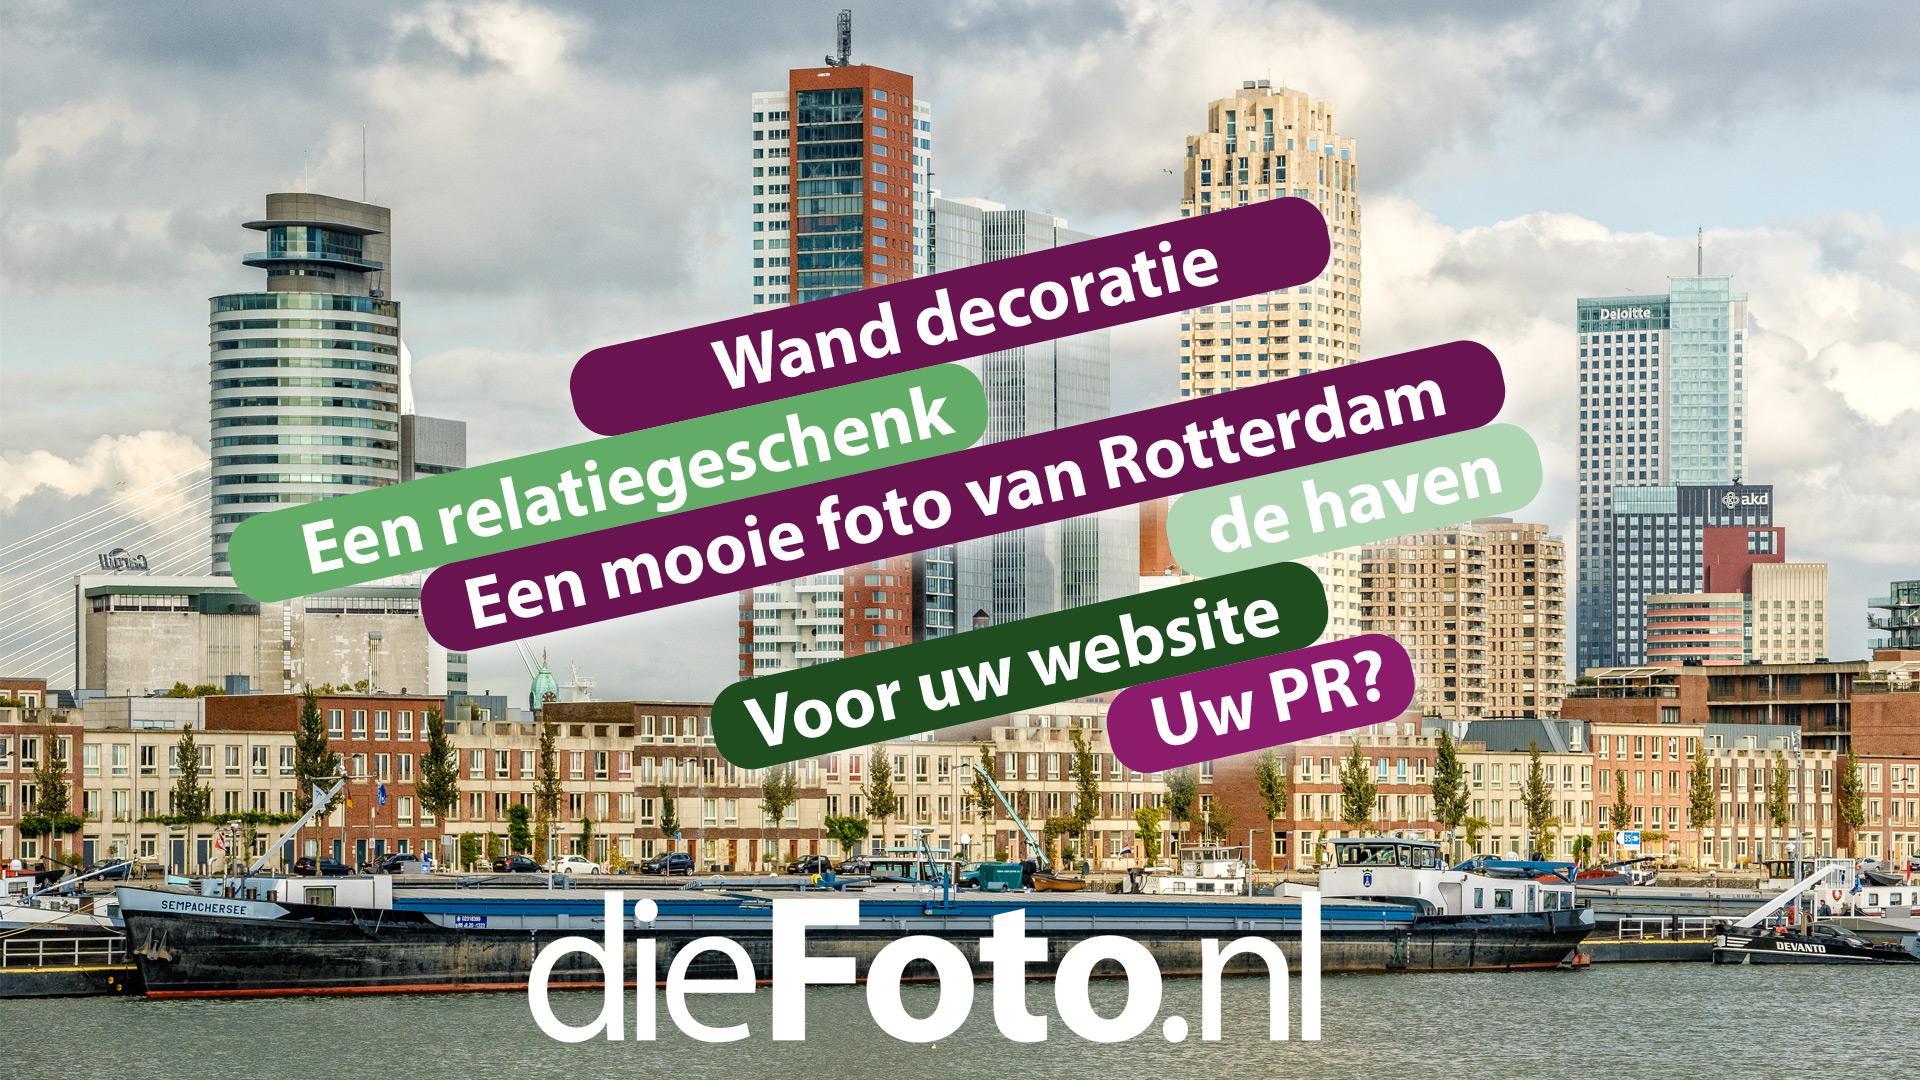 DieFoto.nl - mooie beelden van Rotterdam en de haven voor aan uw muur of in uw PR